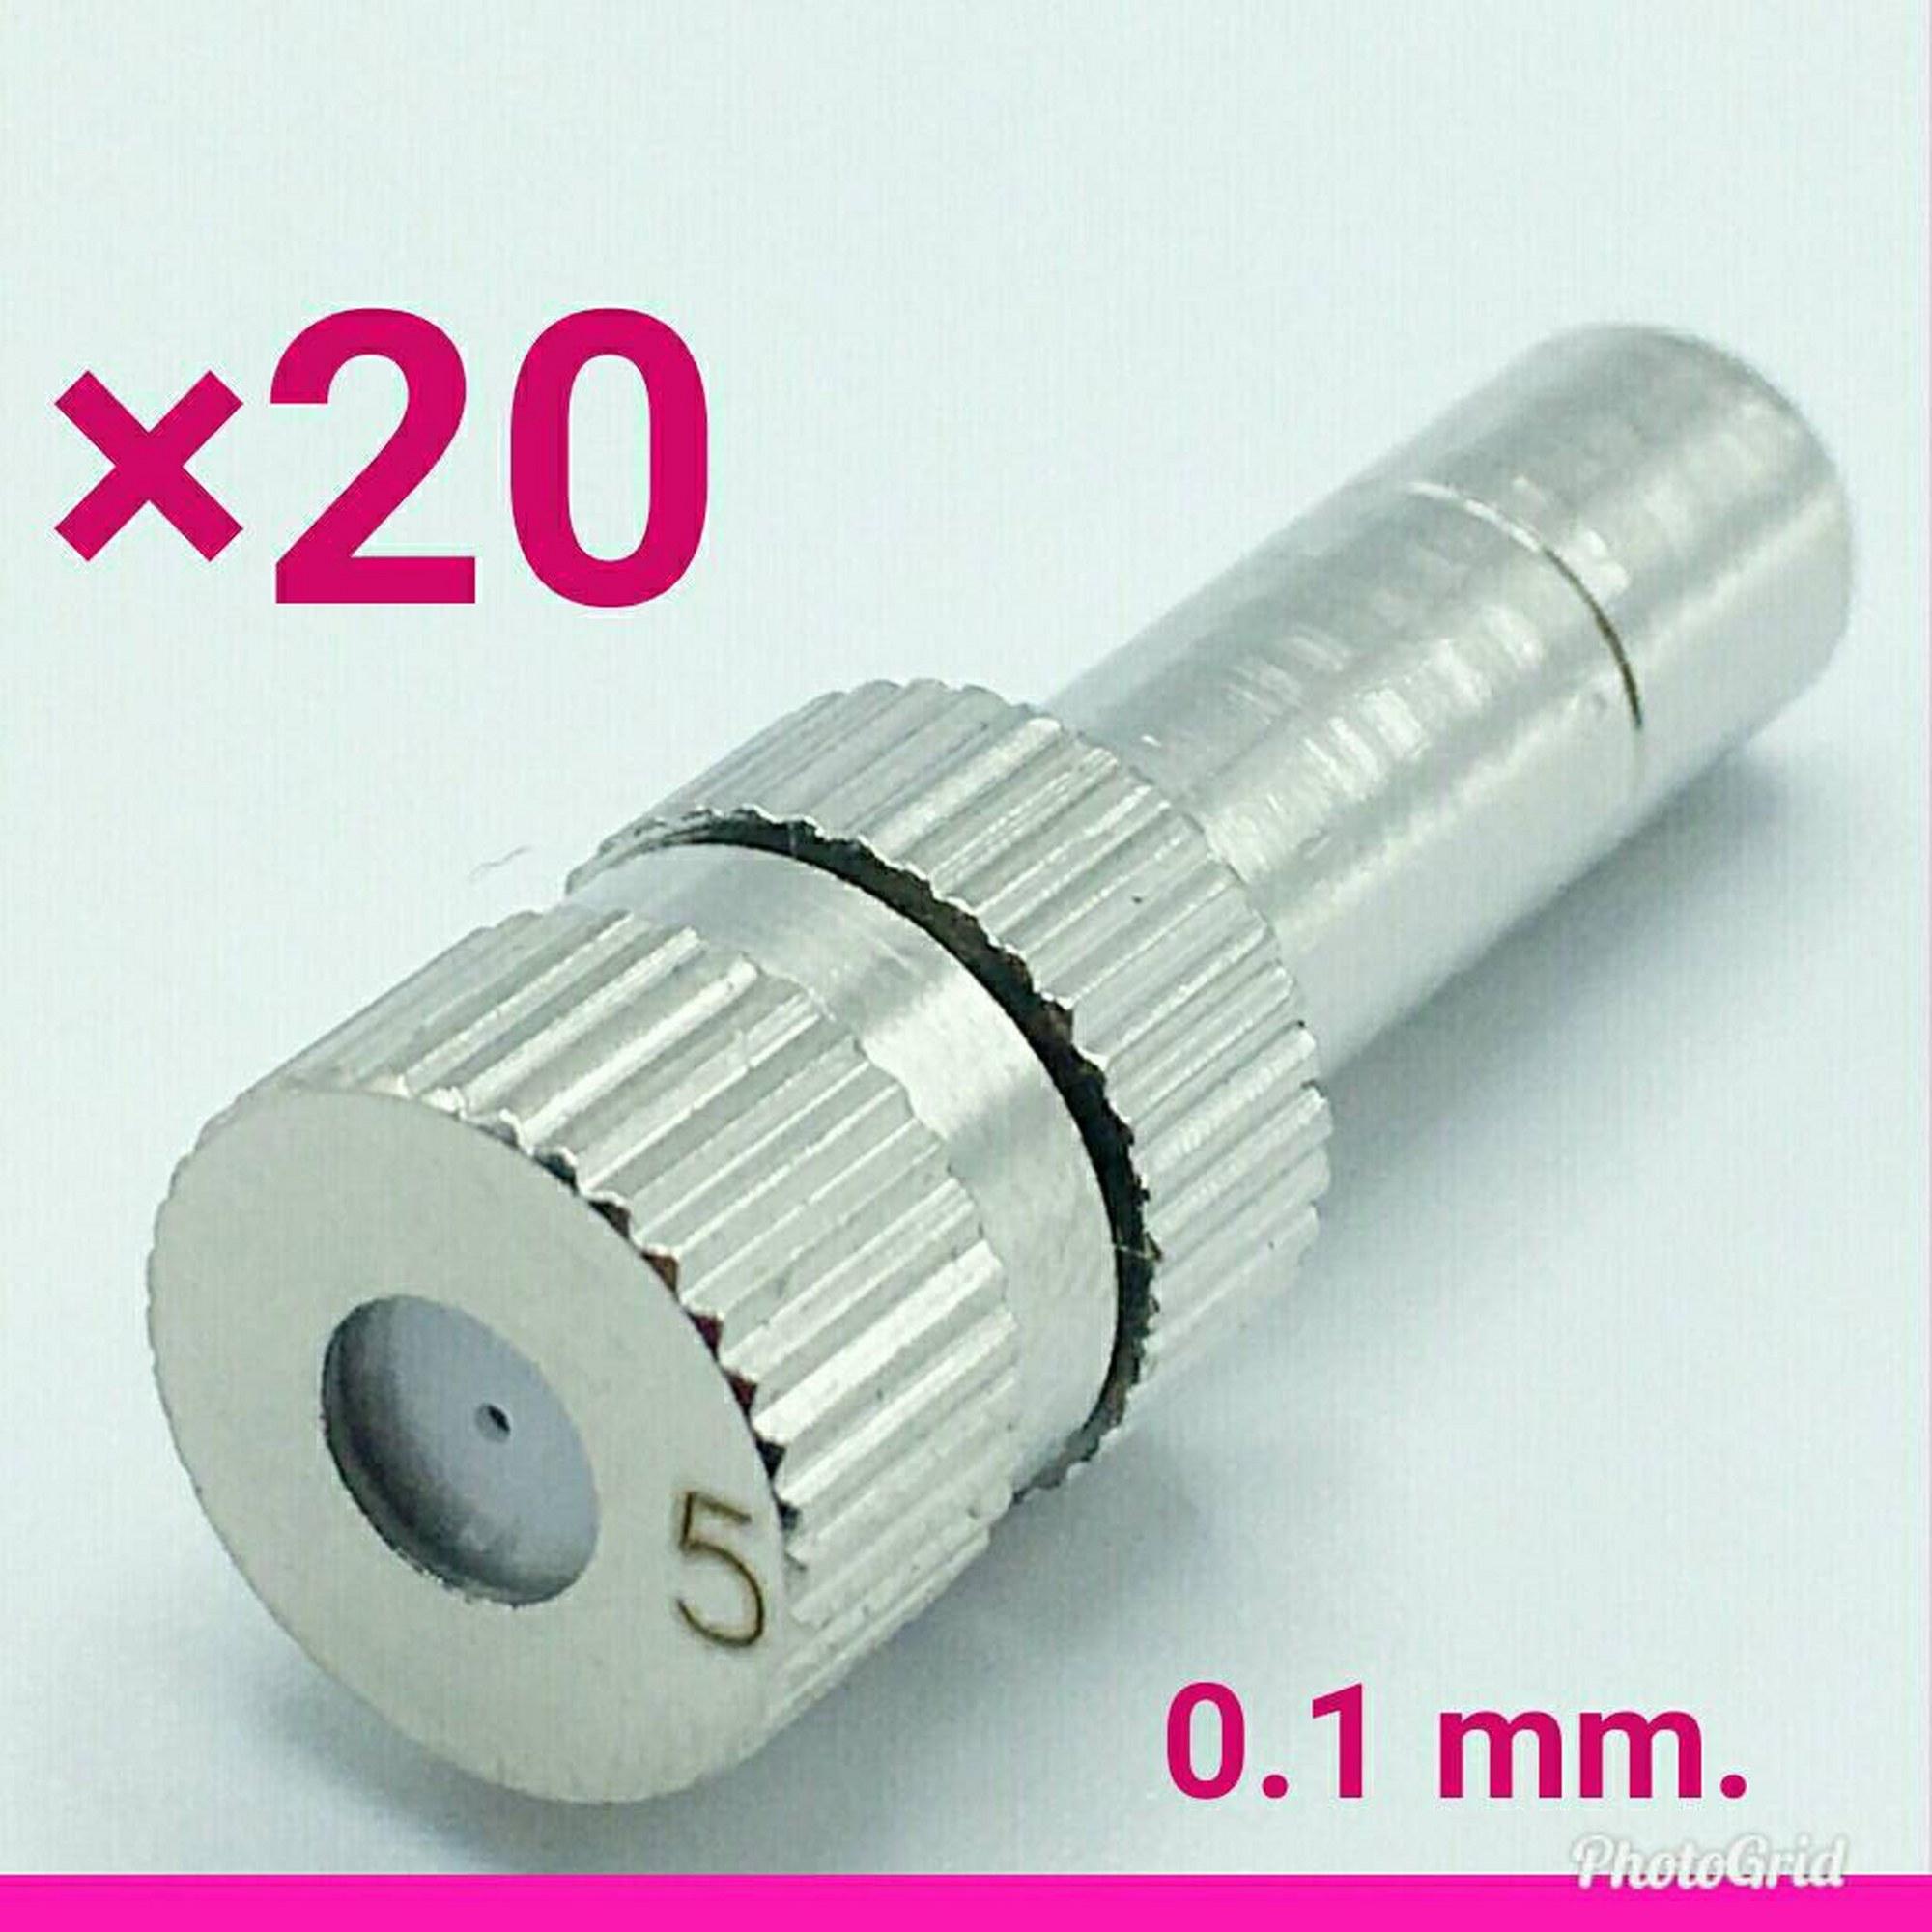 หัวพ่นหมอกละเอียด 0.1 mm. แบบไม่มีกรอง จำนวน 20 ตัว